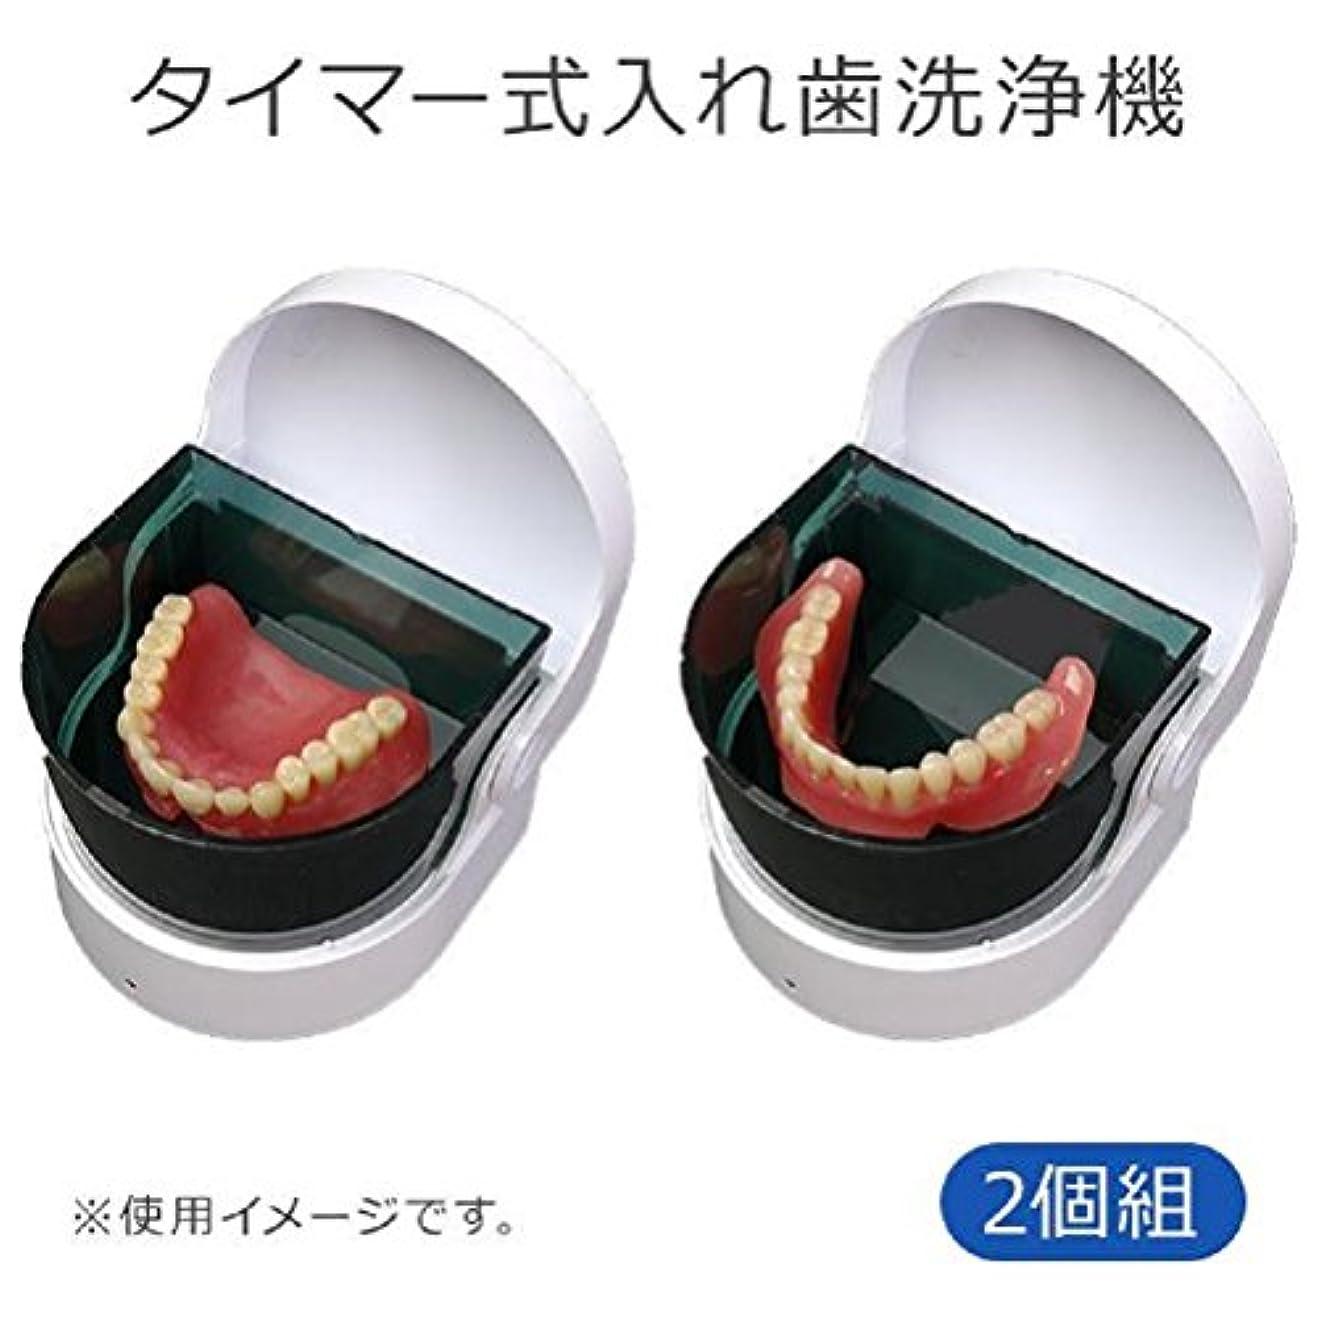 見捨てられた社員波紋タイマー式入れ歯洗浄機 2個組 K12327